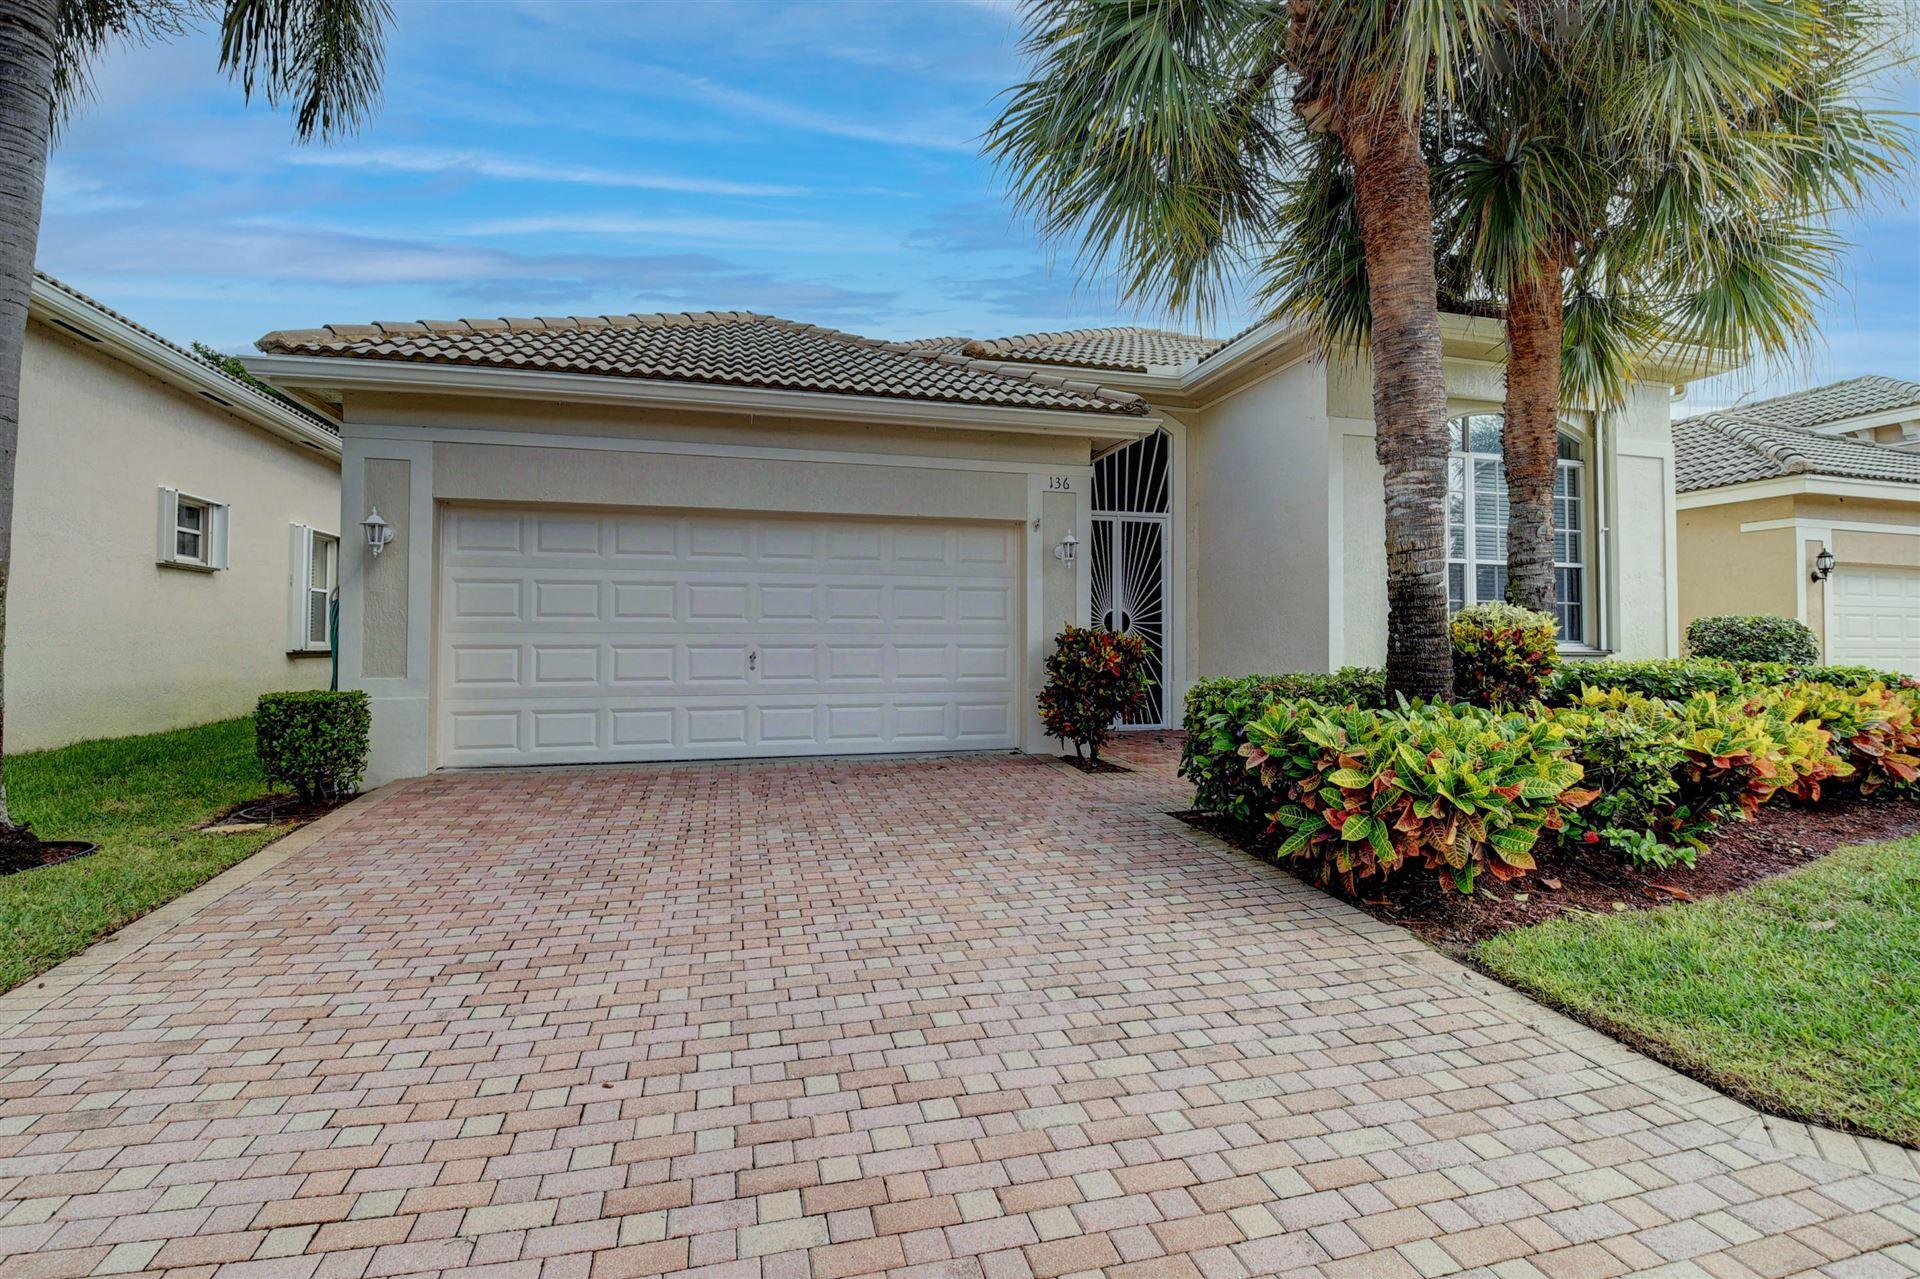 136 Palm Circle, Atlantis, FL 33462 - #: RX-10671643